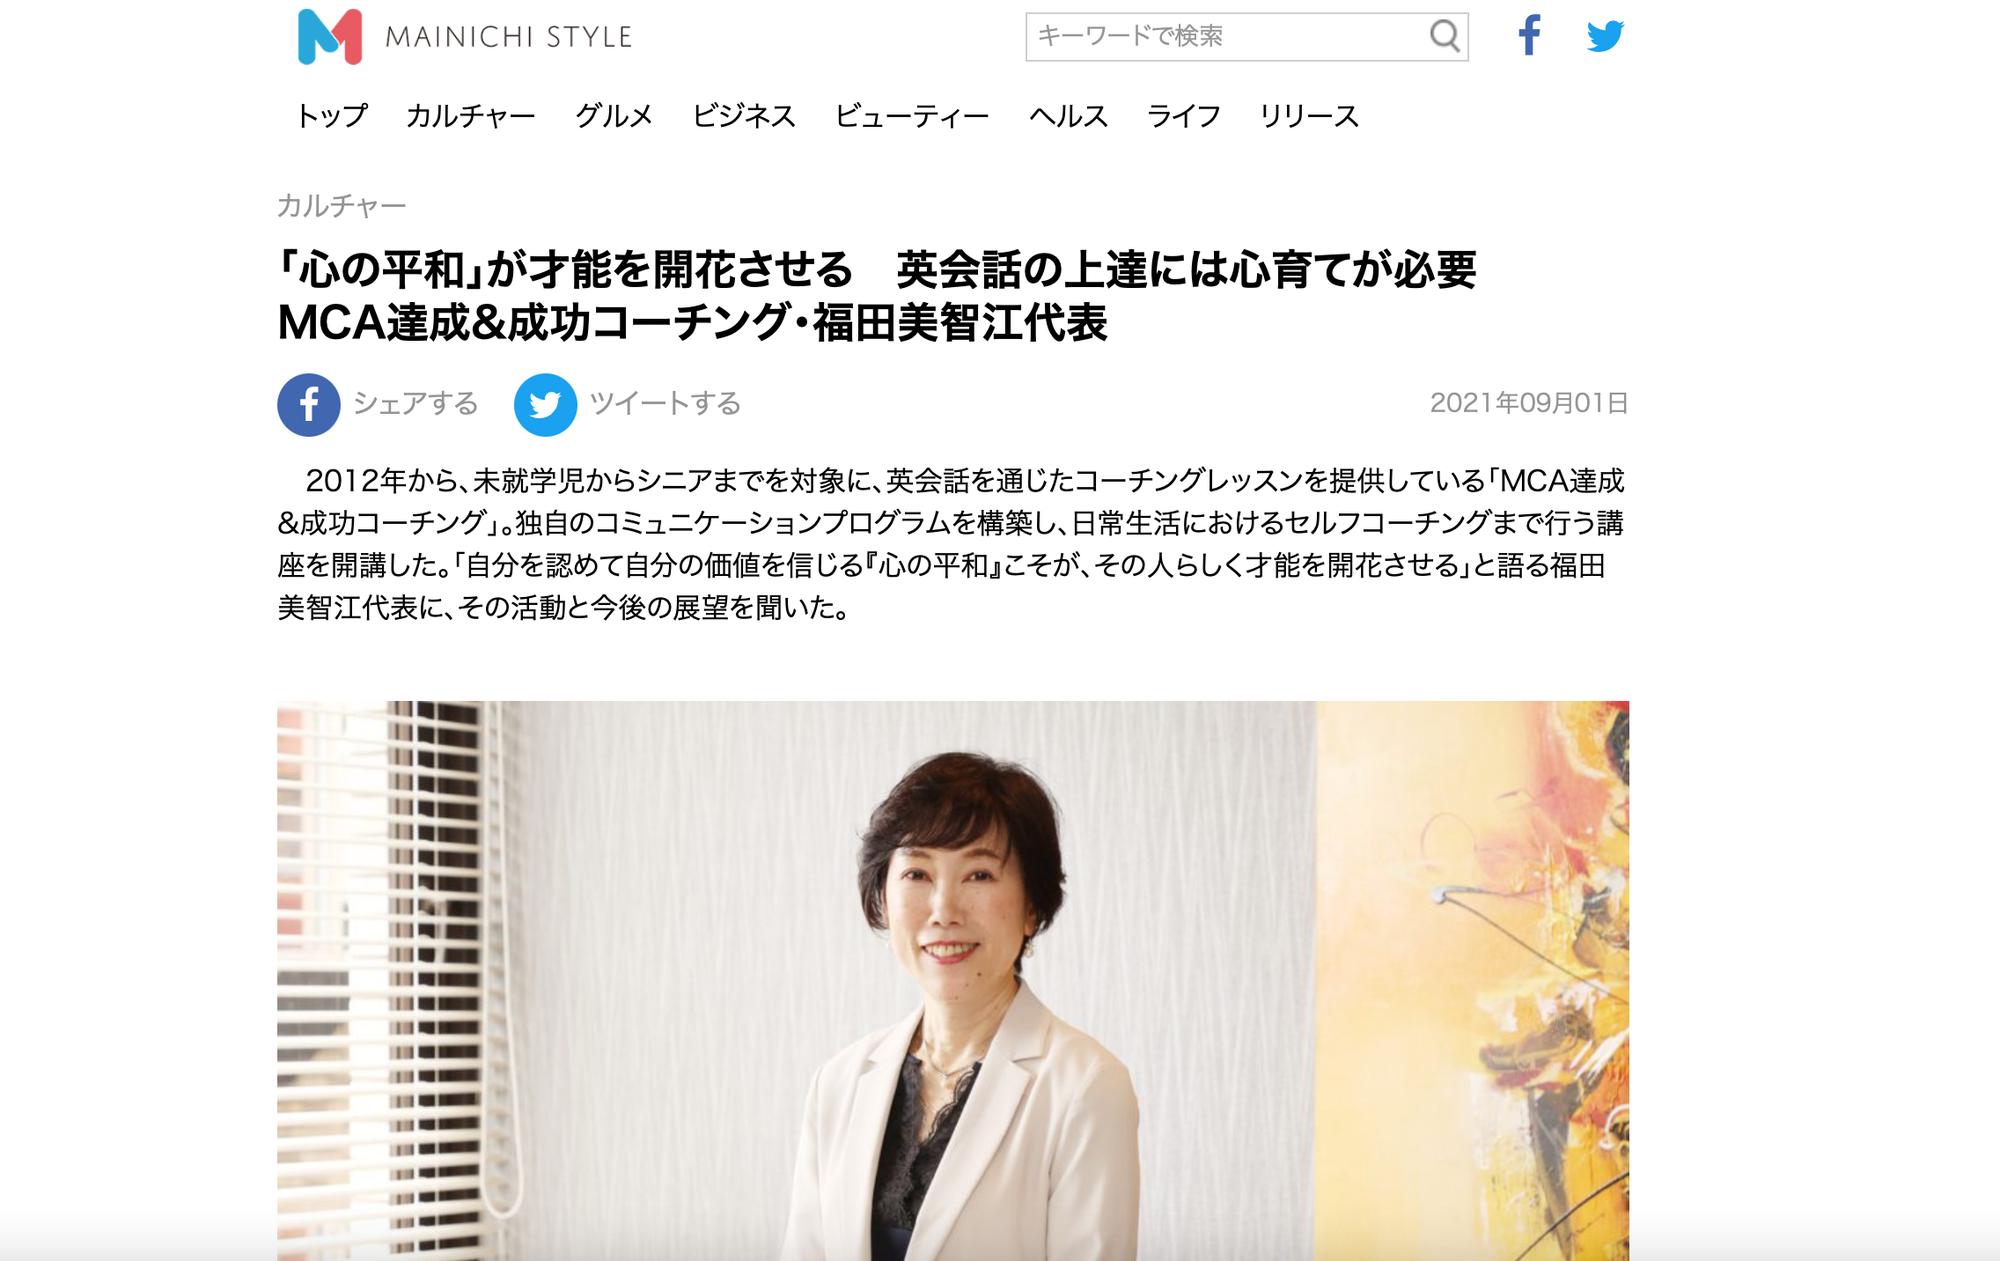 「MAINICHI STYLE(毎日スタイル)」にインタビュー記事が掲載されました